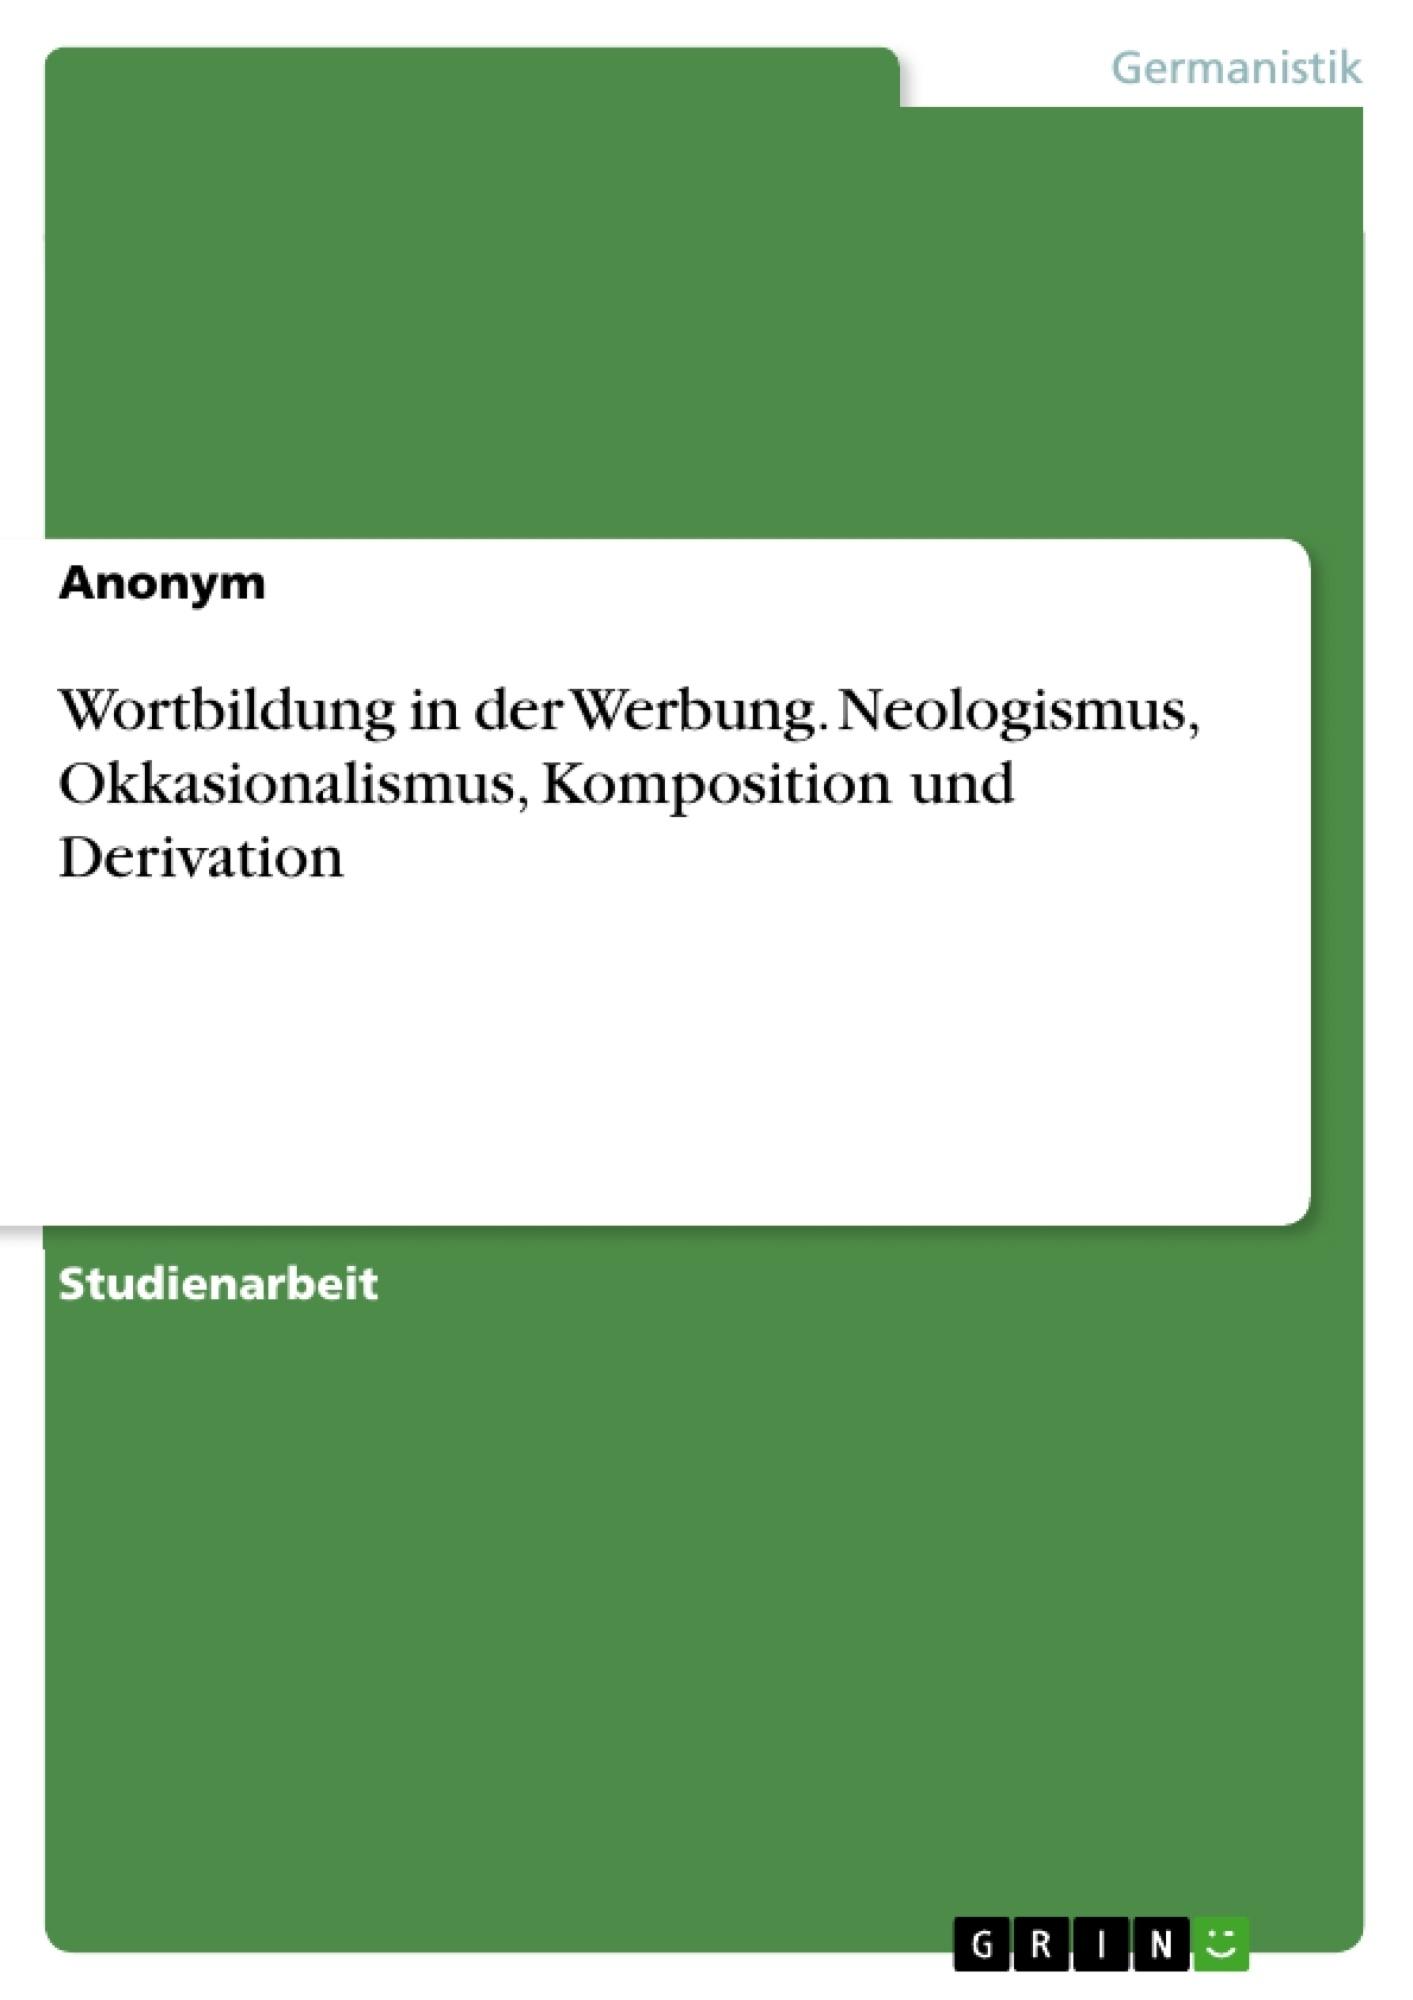 Titel: Wortbildung in der Werbung. Neologismus, Okkasionalismus, Komposition und Derivation